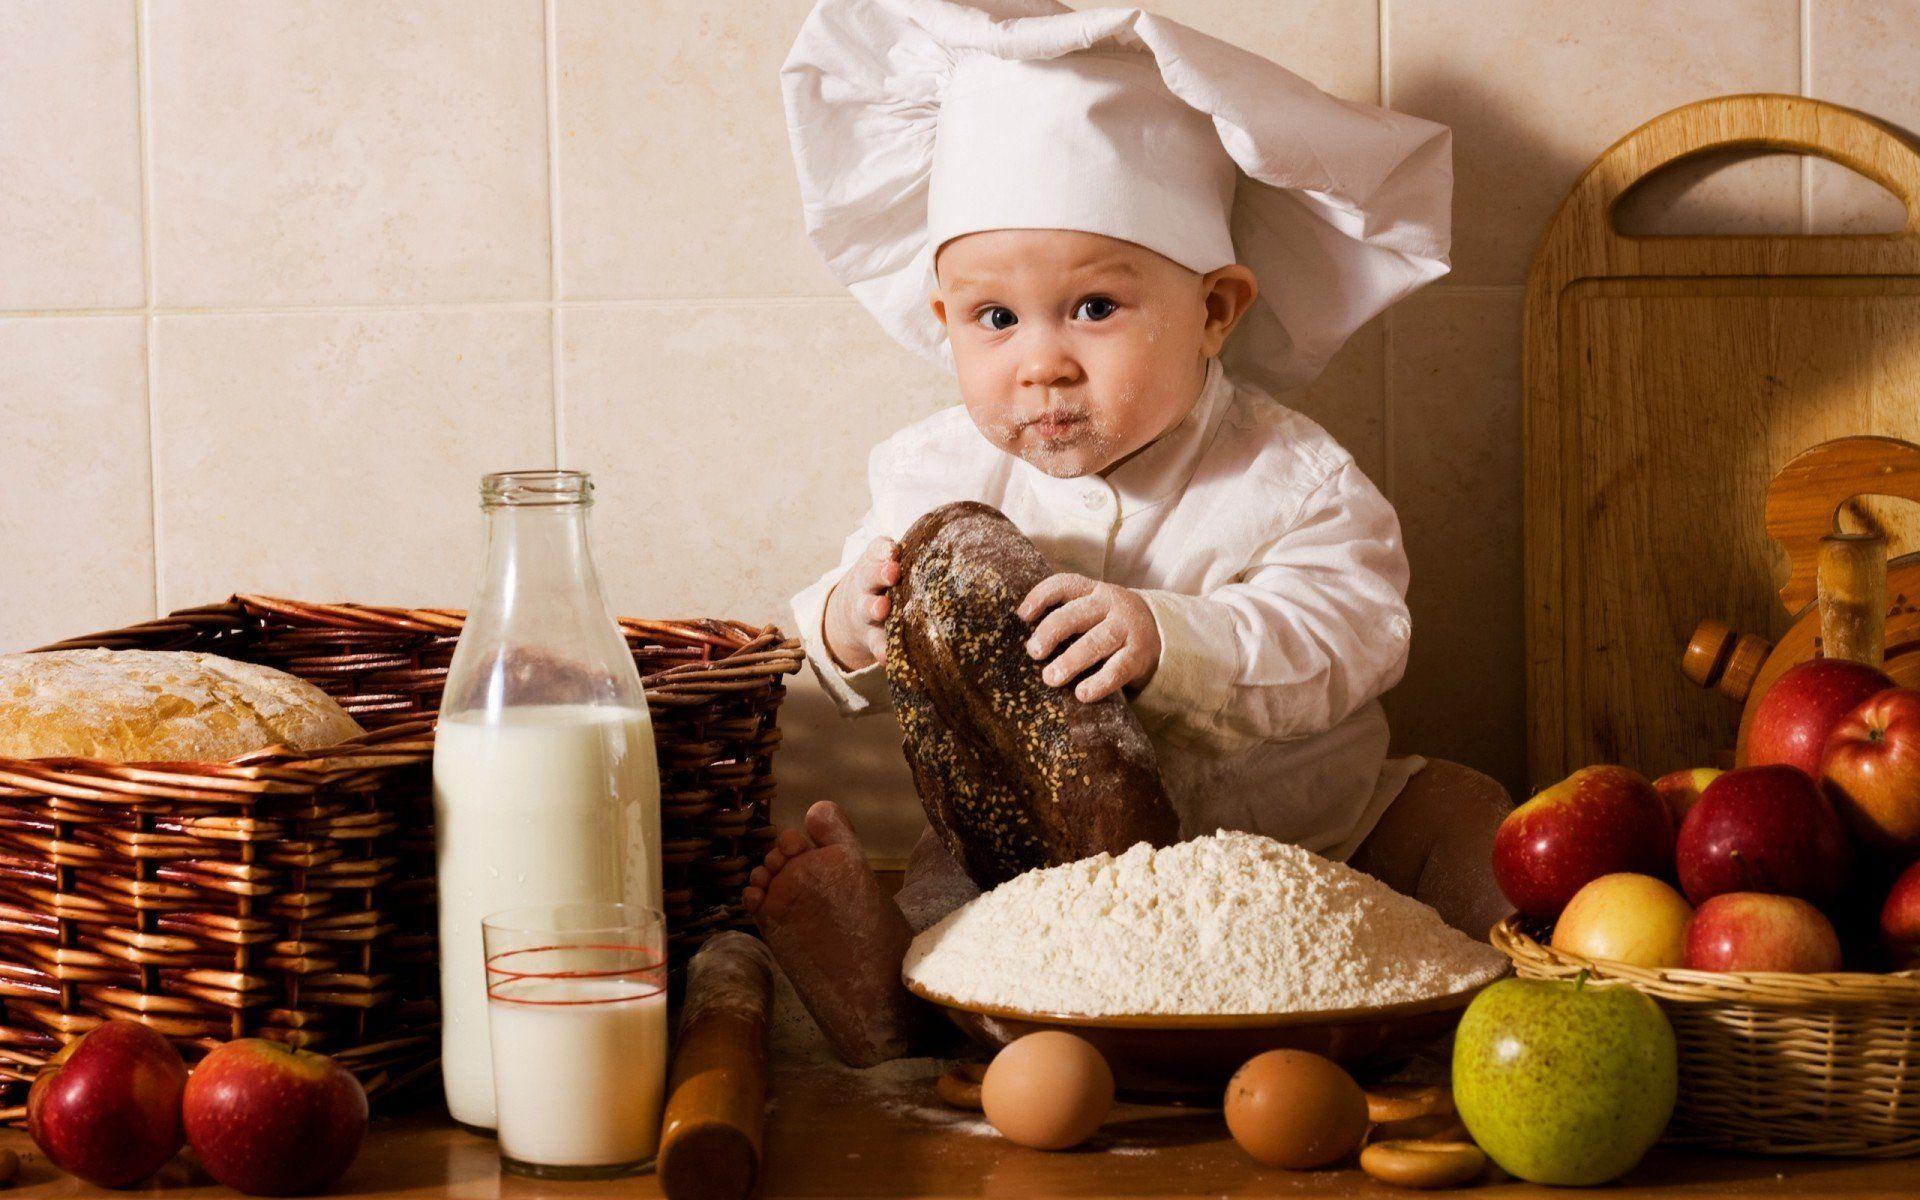 Пожеланием другу, прикольные картинки дети еда